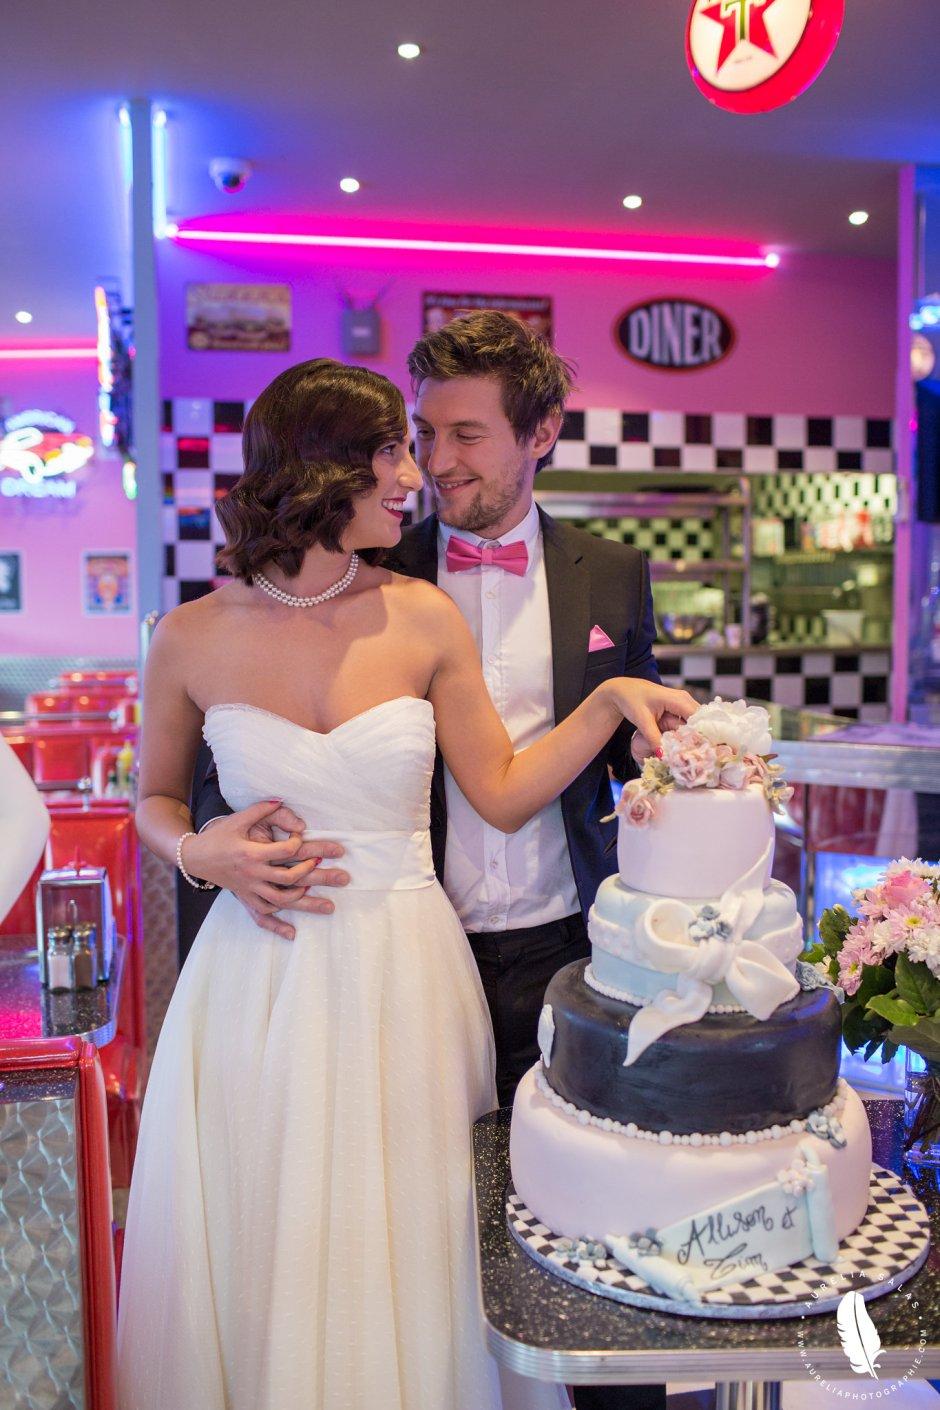 mariage-retro-fifties-la-blogueuse-mariage-61